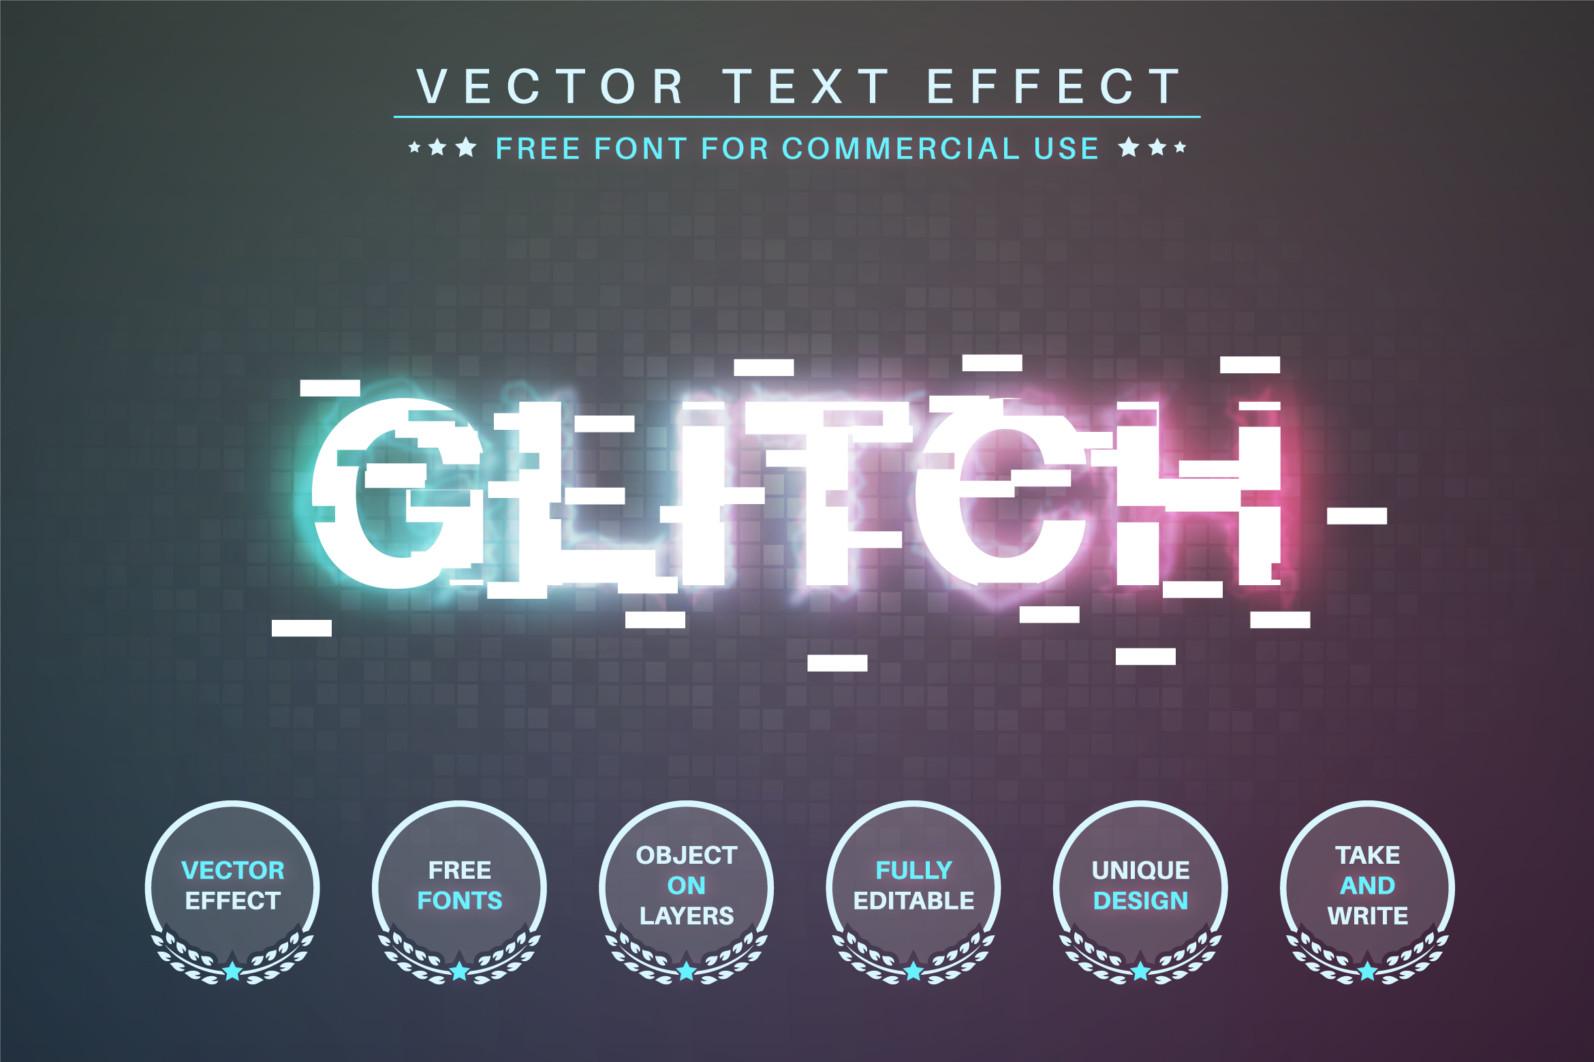 Glitch - Editable Text Effect, Font Style - 365 glitch 2340X1560 -